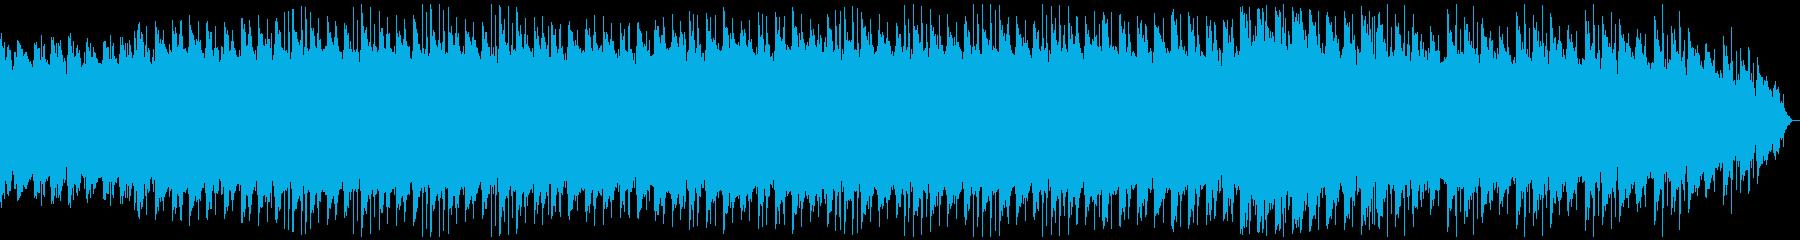 ポップインスト。インスピレーション...の再生済みの波形